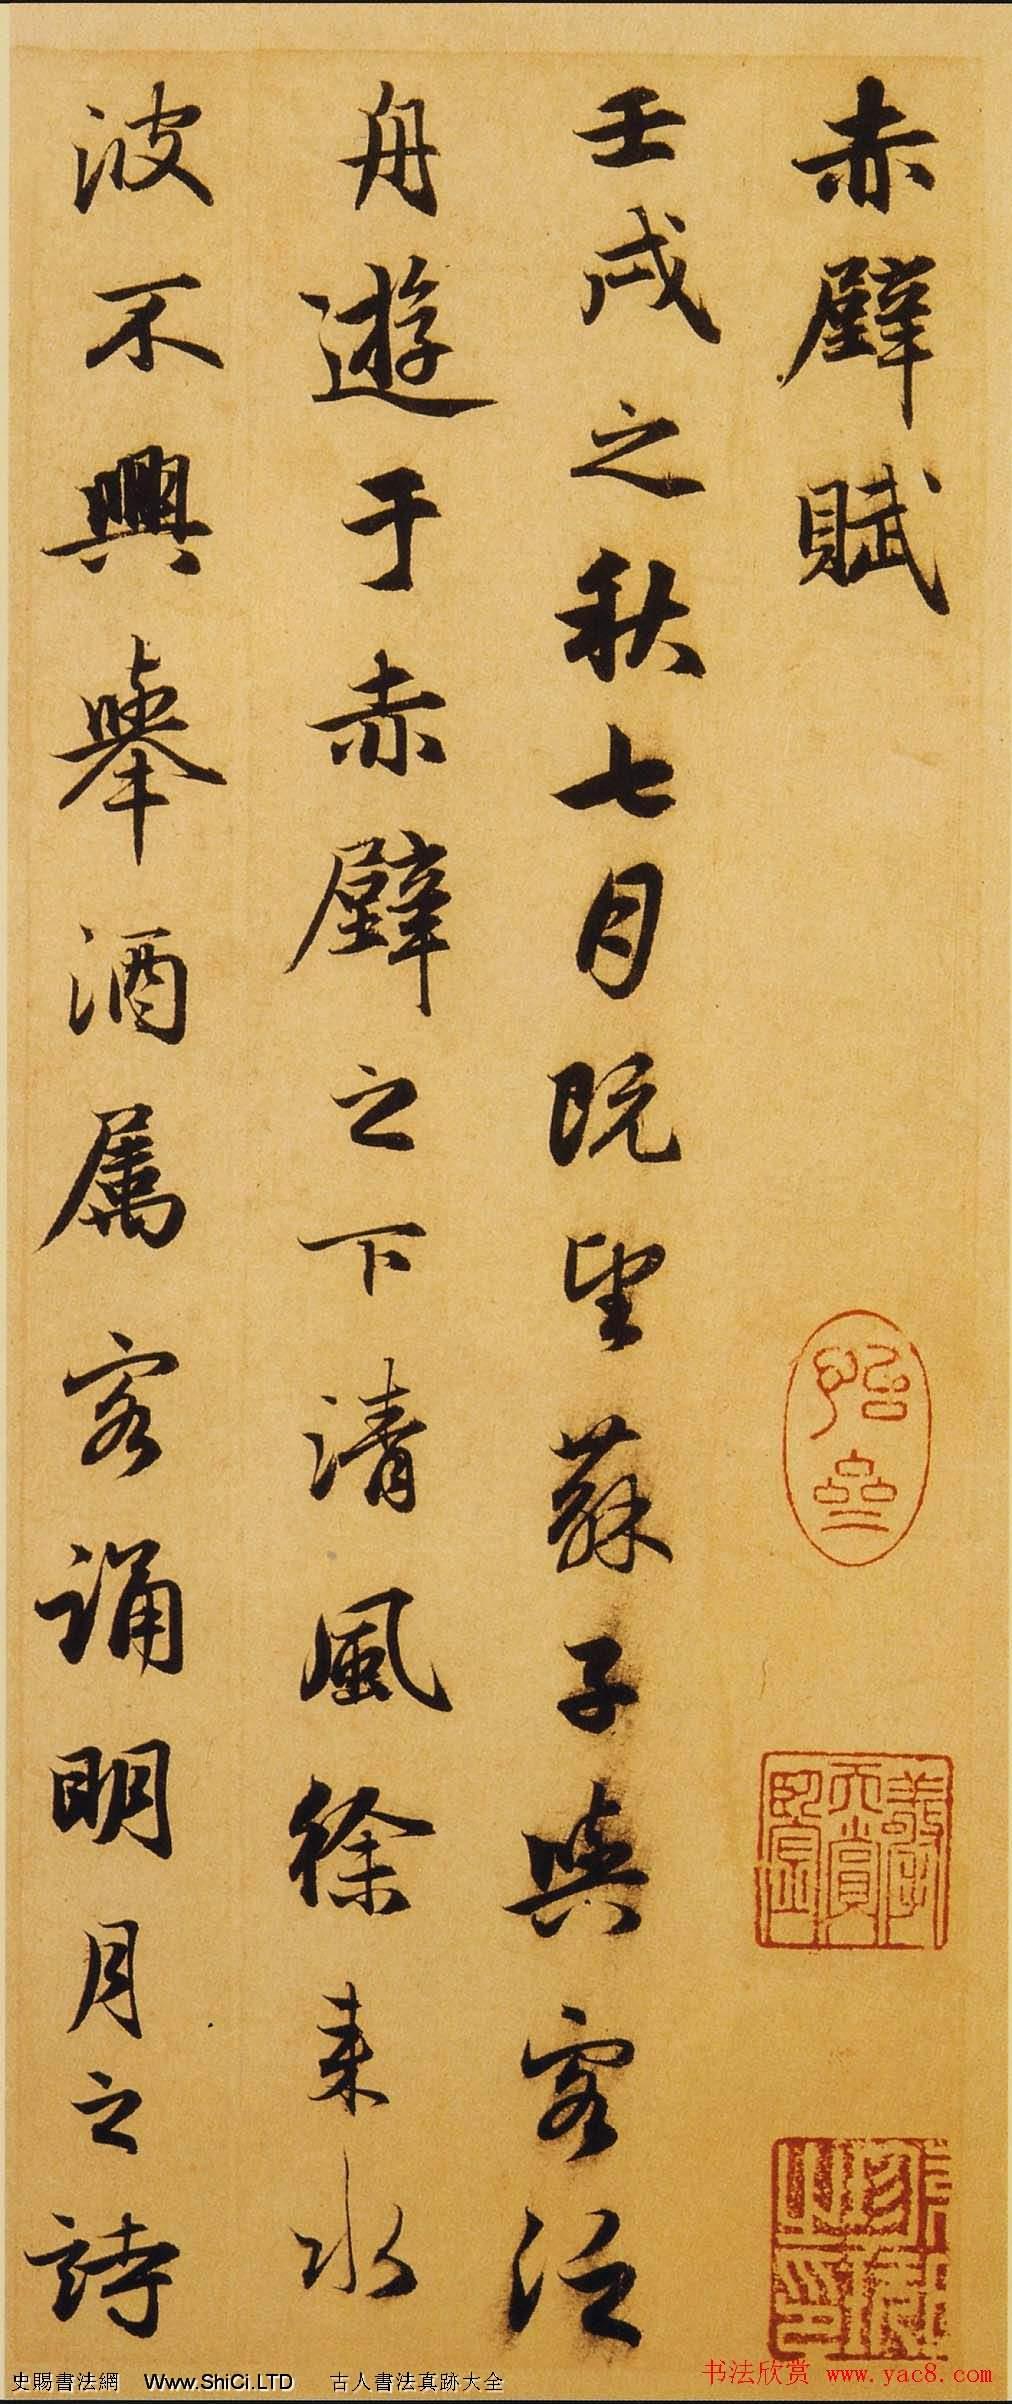 趙孟頫行書真跡欣賞《赤壁二賦帖》高清版(共30張圖片)